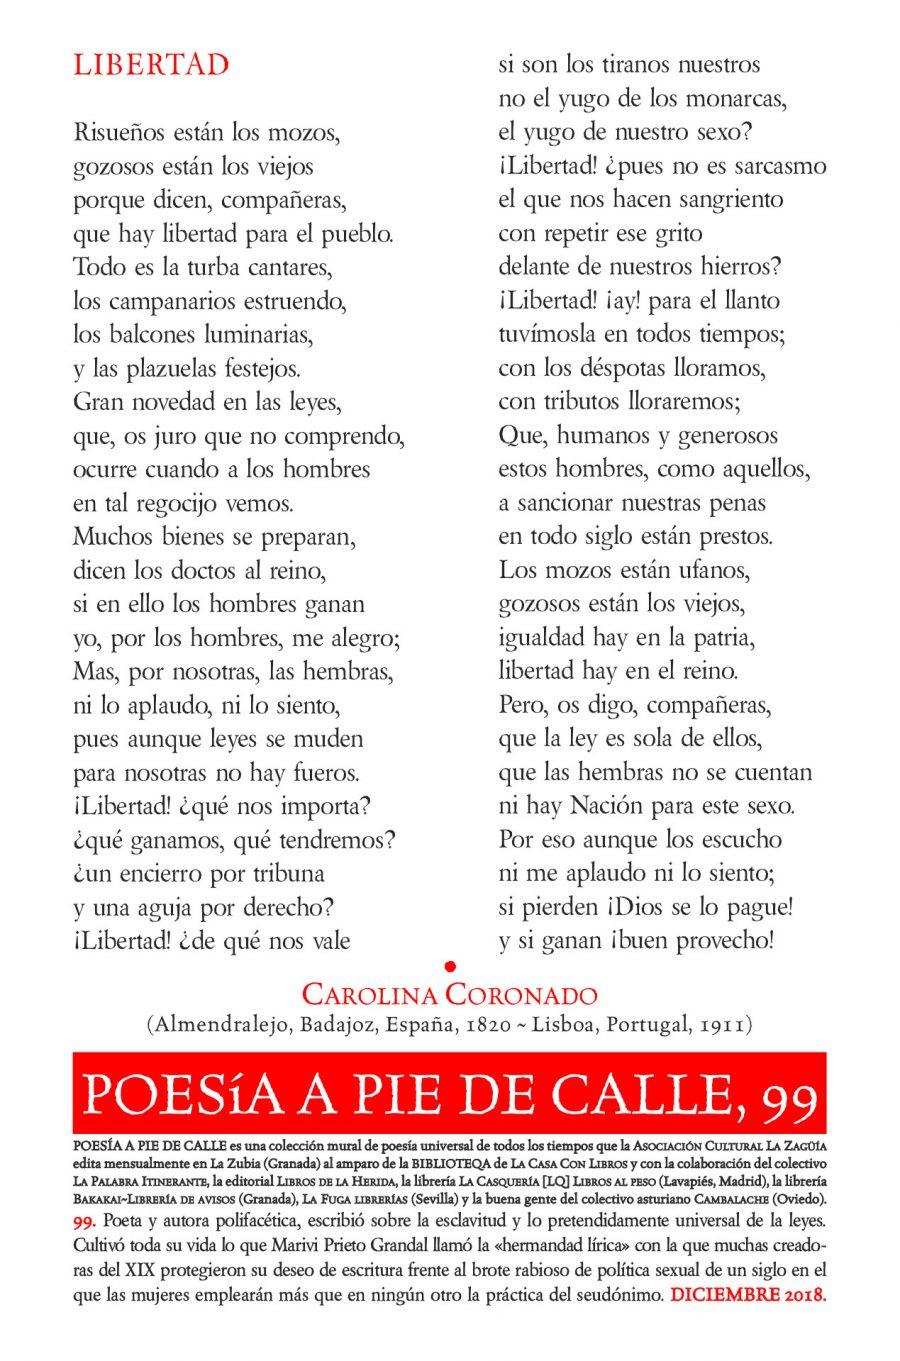 POESÍA A PIE DE CALLE, 99: LIBERTAD, DE CAROLINA CORONADO